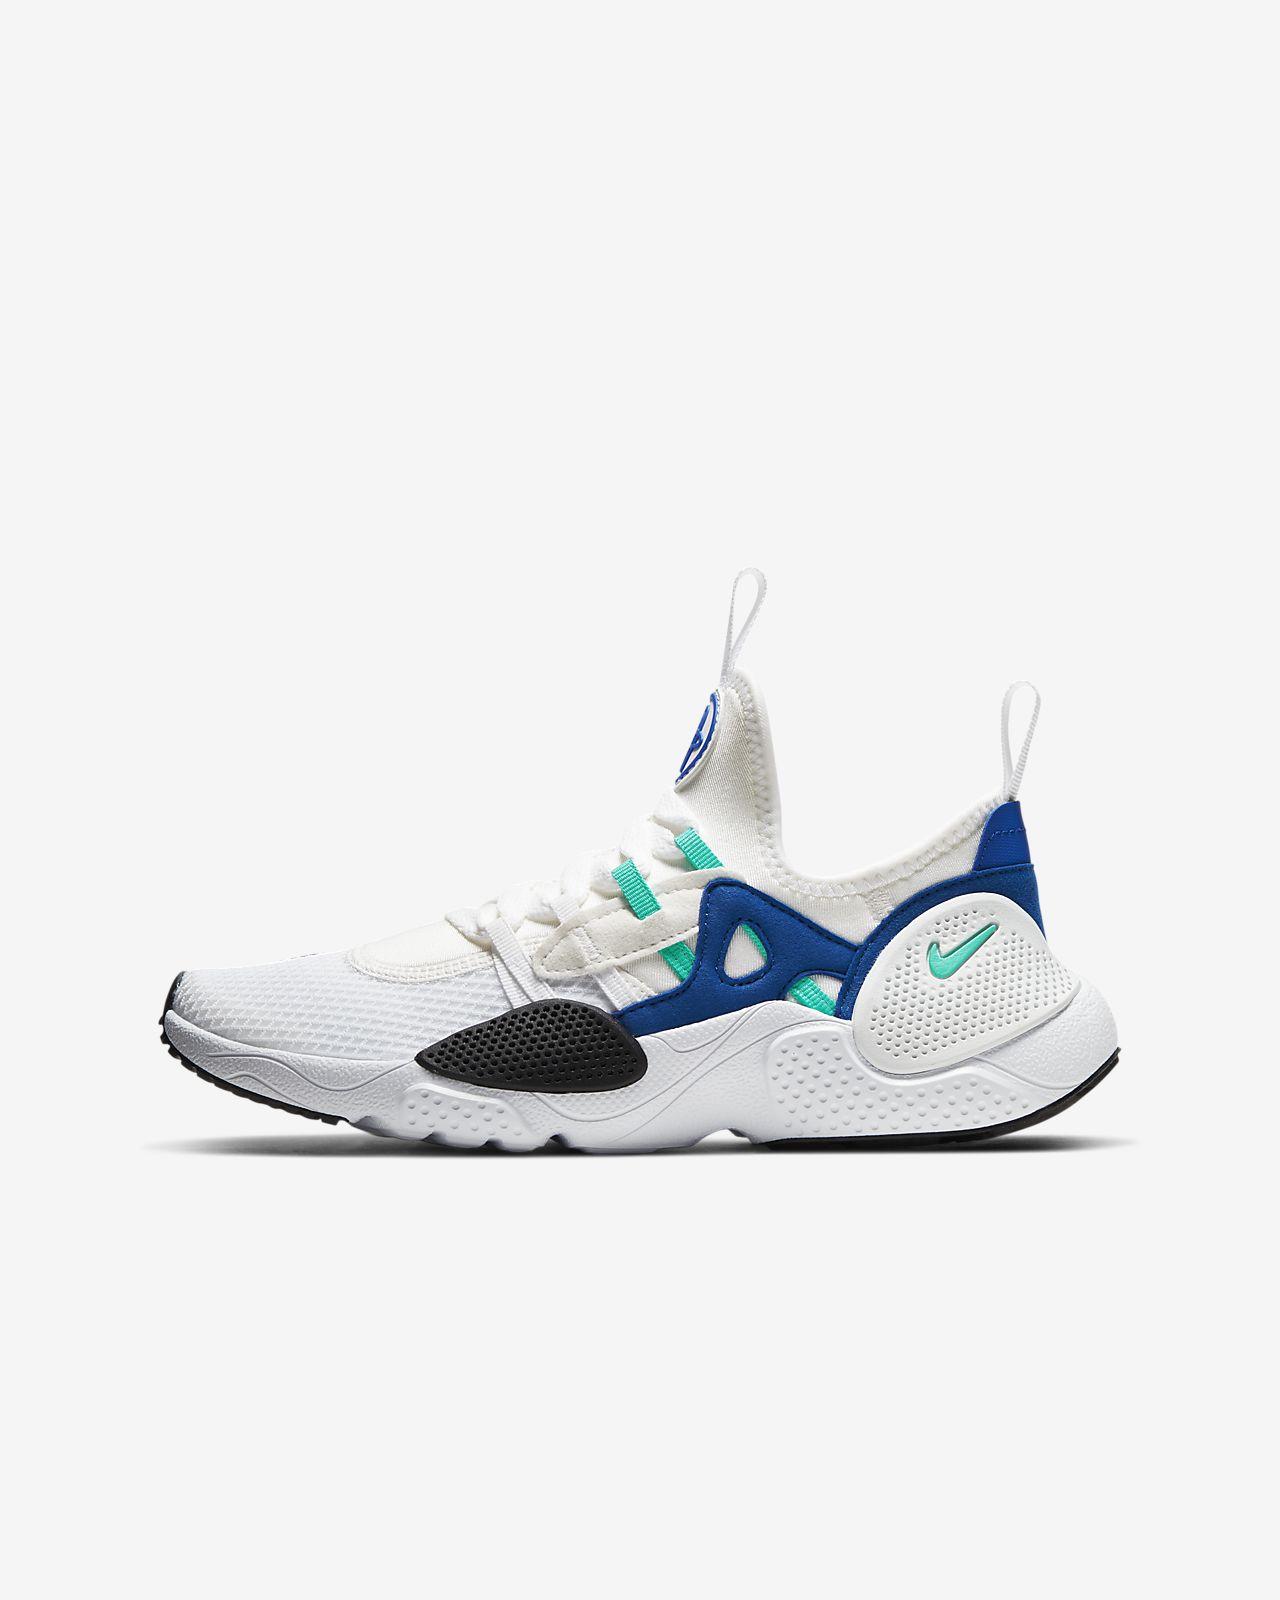 Nike Huarache E.D.G.E. TXT GS 大童运动童鞋